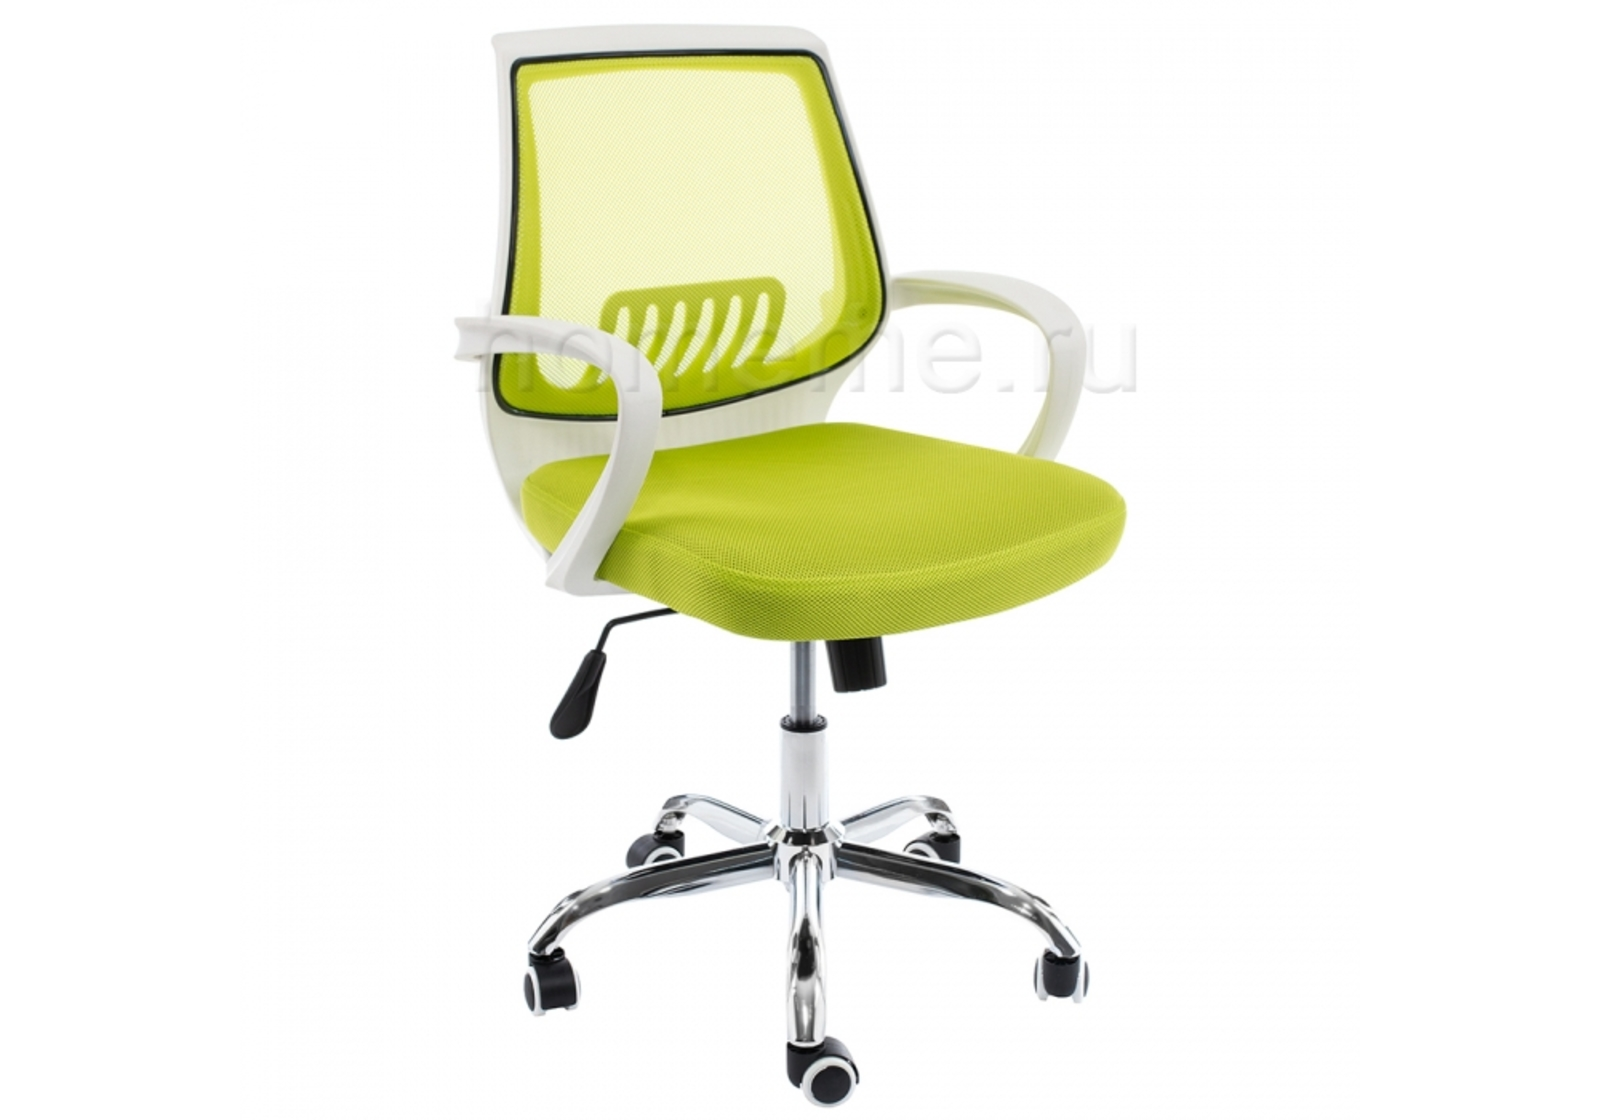 Кресло для офиса HomeMe Ergoplus белое / зеленое 1969 от Homeme.ru